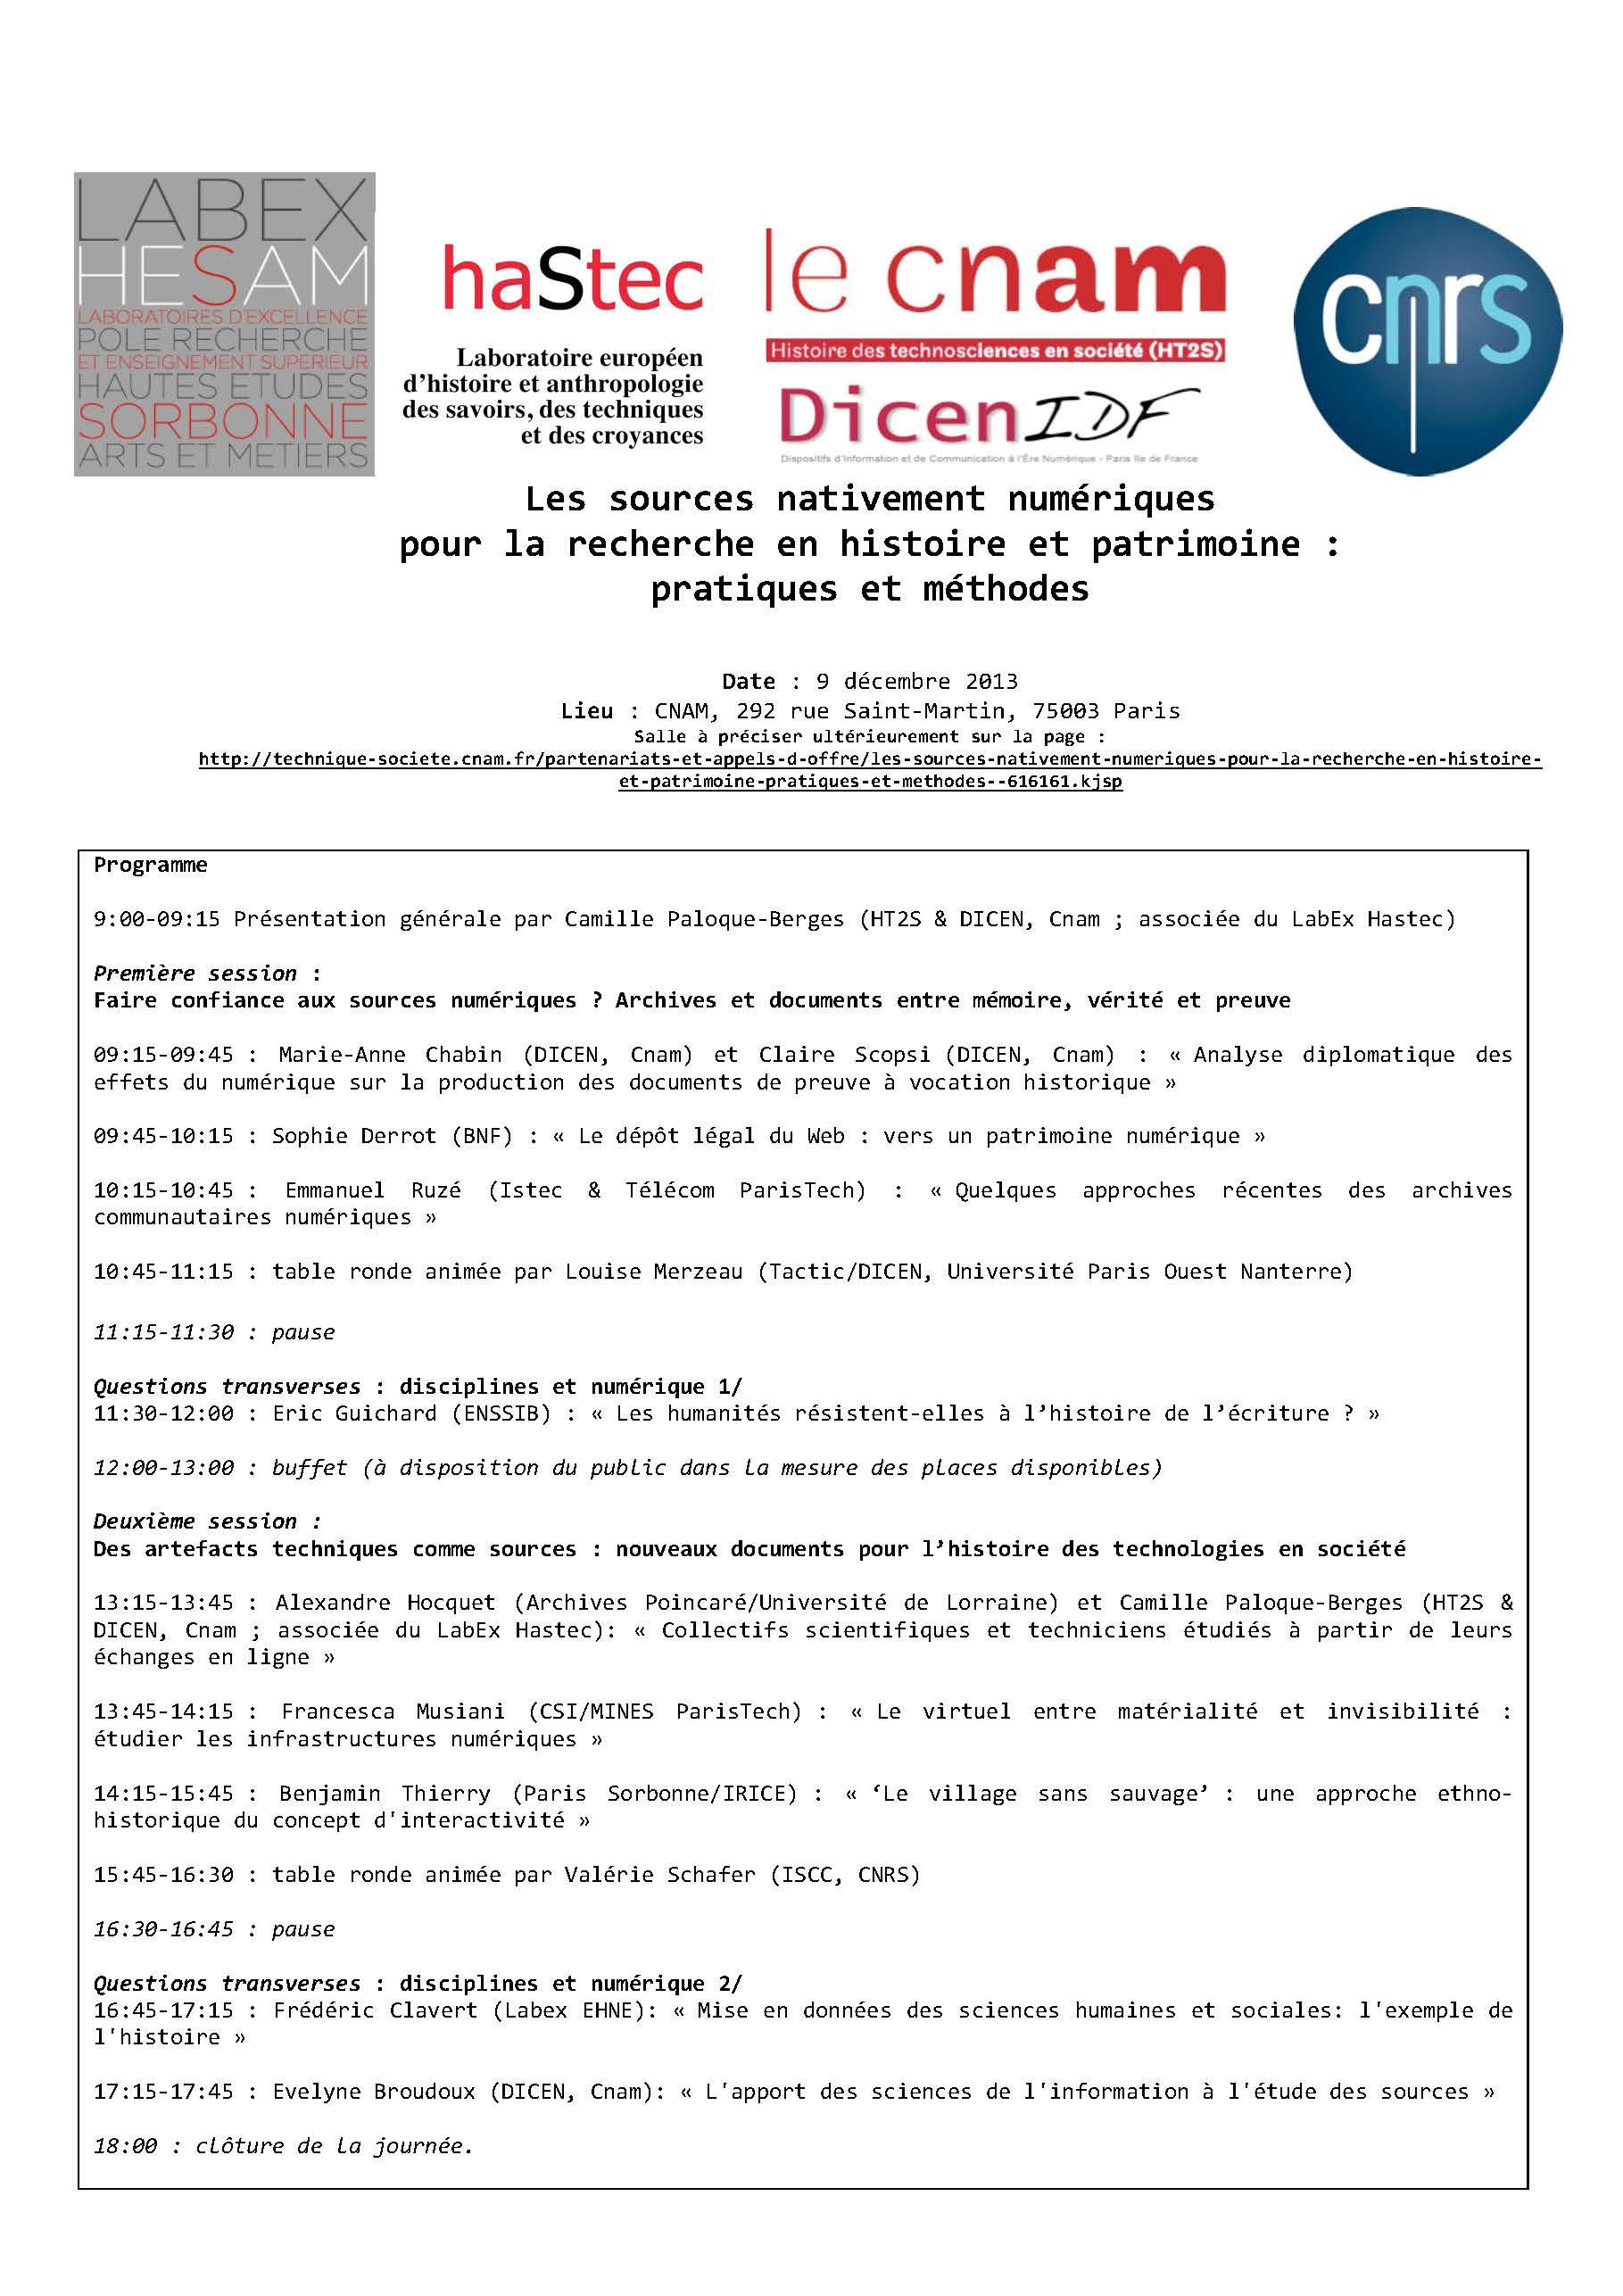 programme-journe-769-e-9-de-769-cembre-hastec-cnam_Page_1